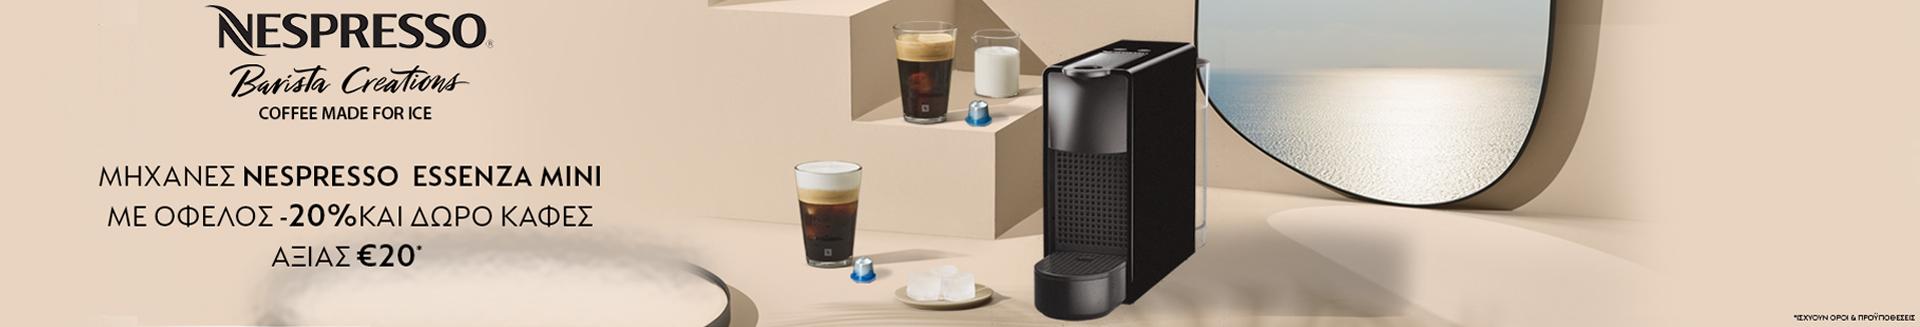 nespresso offers cyprus - skroutz.com.cy